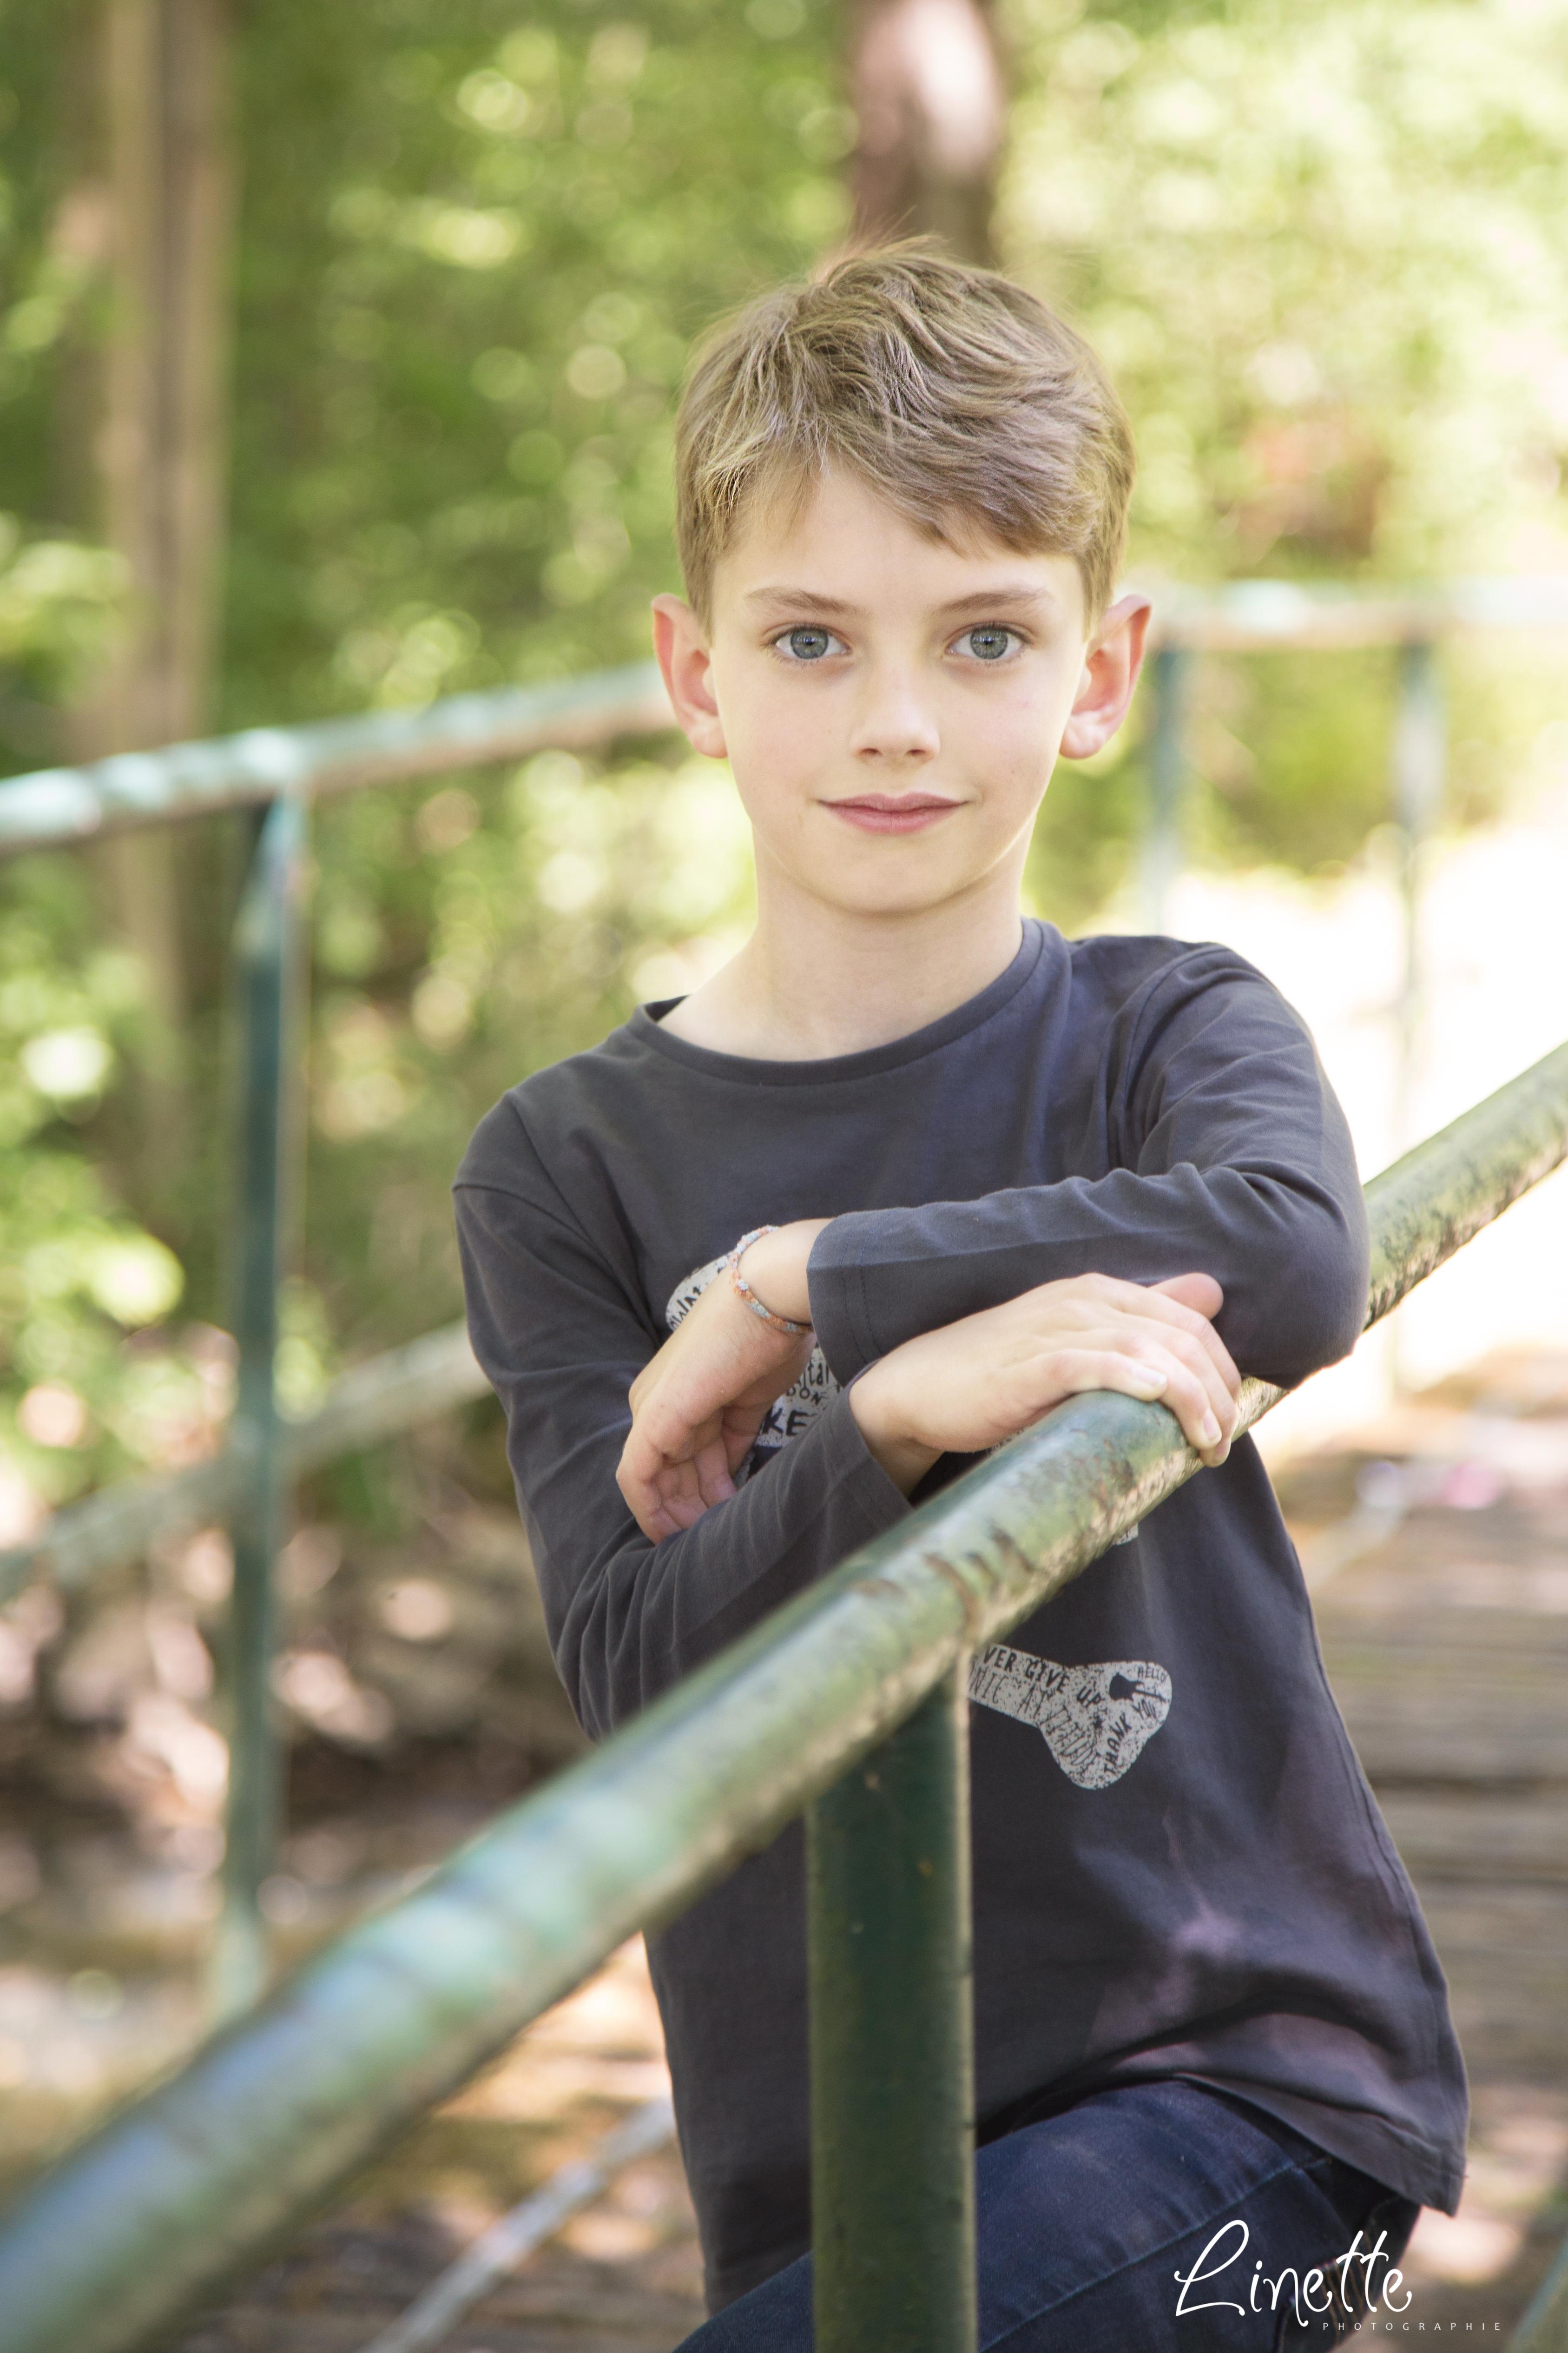 Linette Photographie enfant extérieur